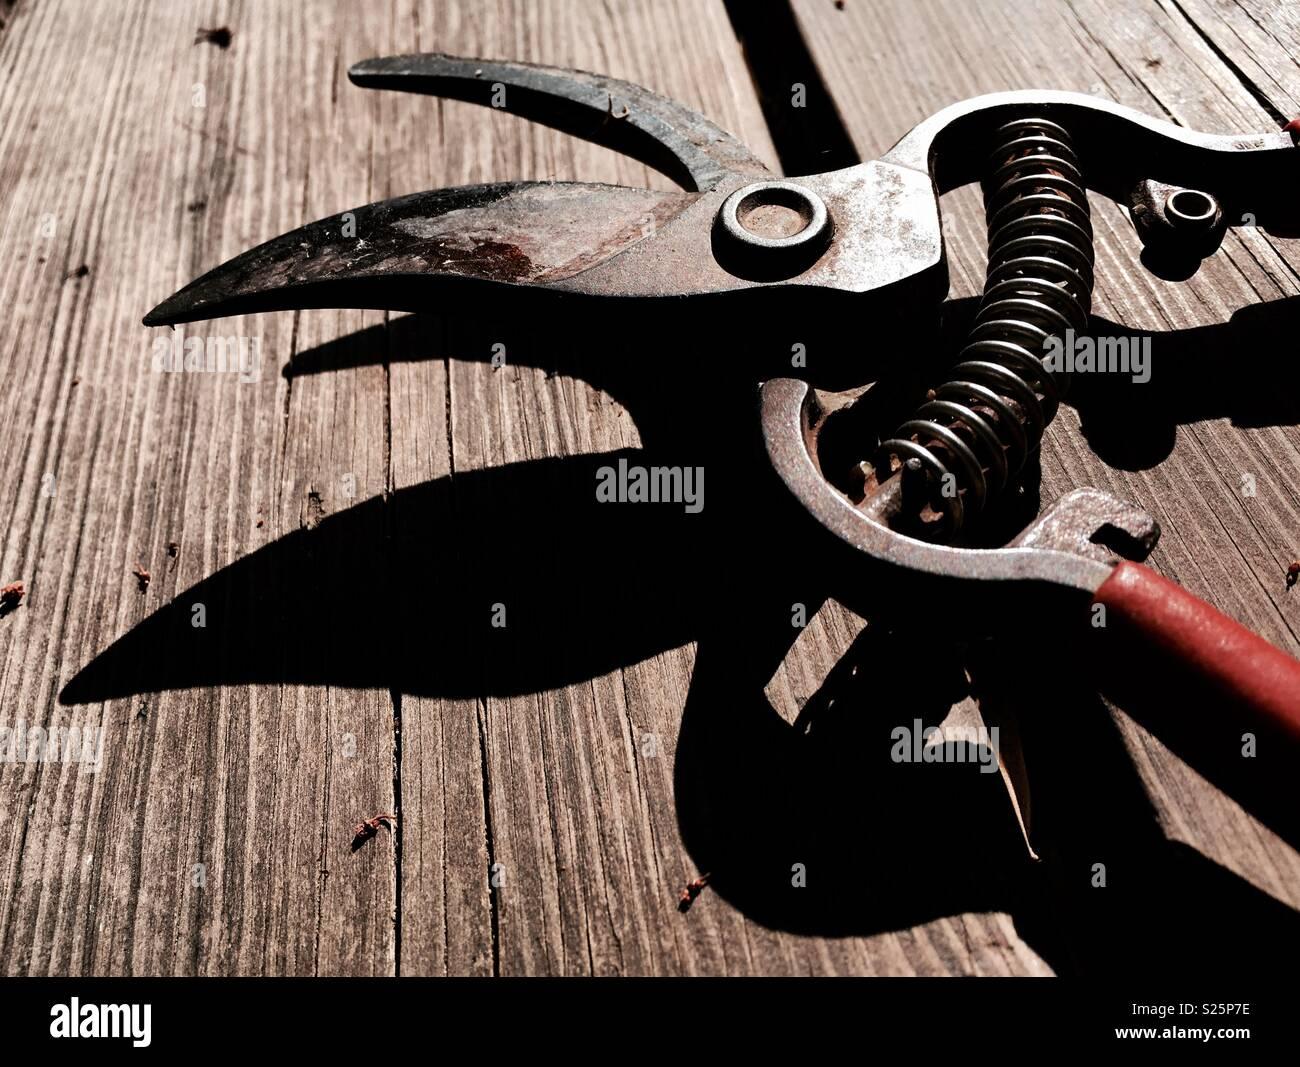 Garden hand pruners secateurs - Stock Image